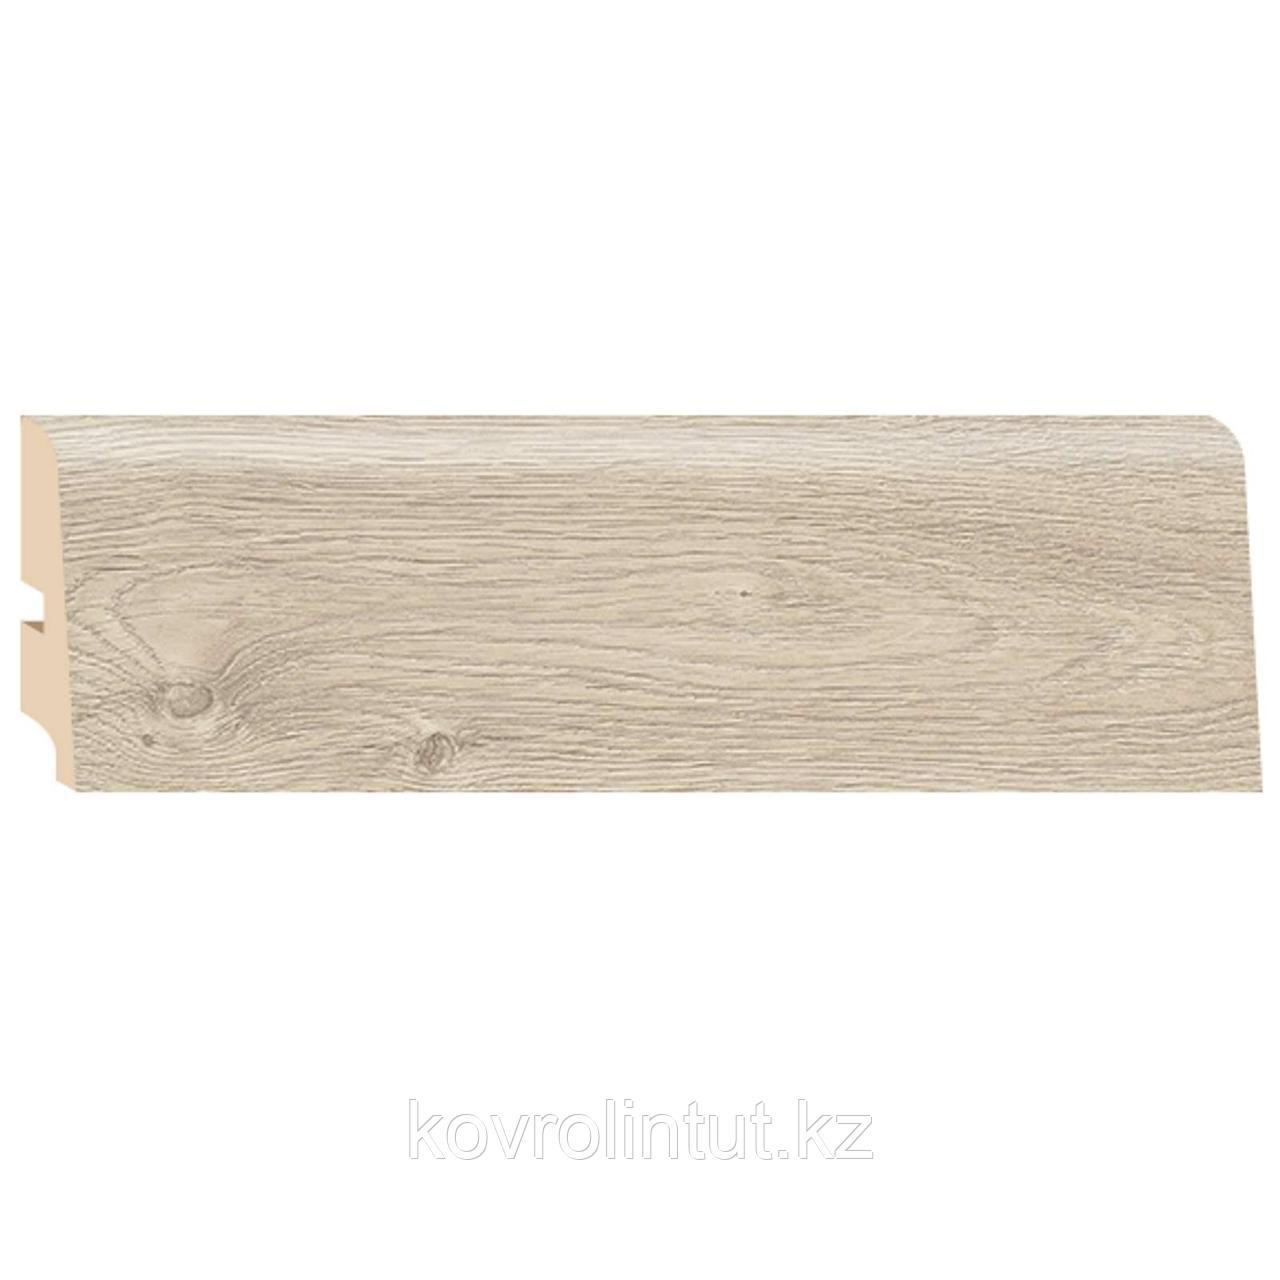 Плинтус Kronopol P85 2583 Asti Oak, 2500х85х16мм, 9шт/уп